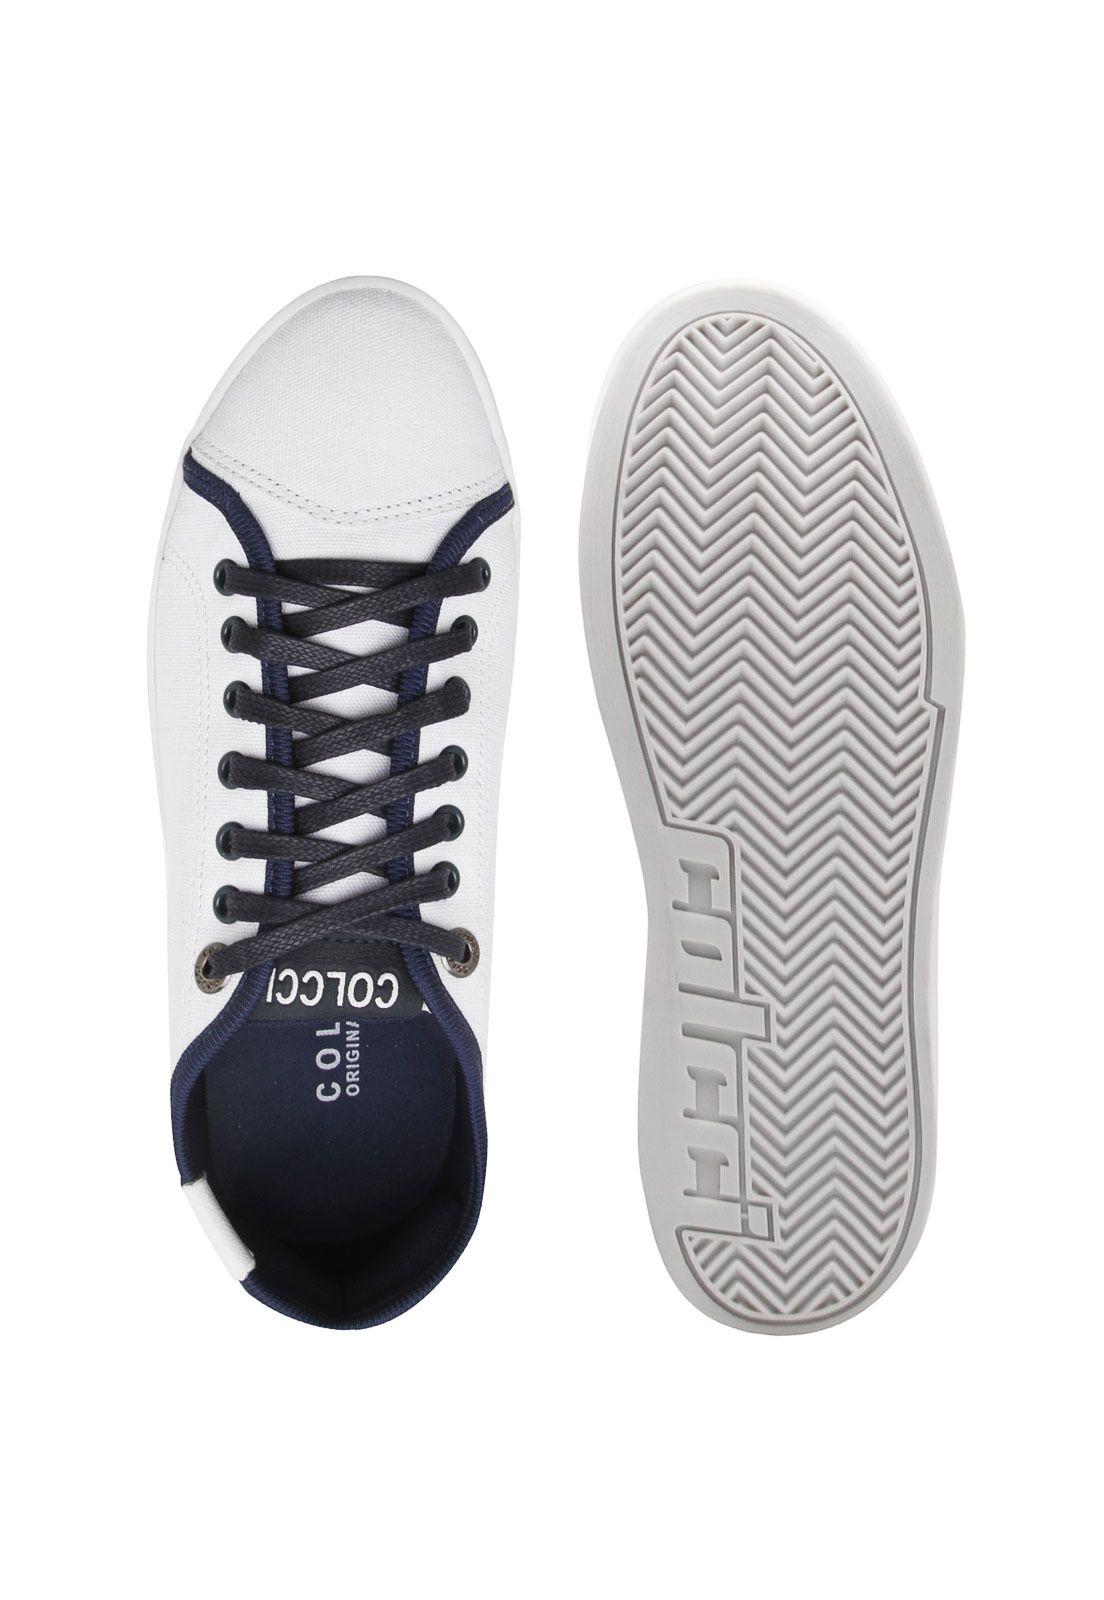 68e6195b5 Tênis Colcci Recortes Branco | Products | Tenis colcci, Colcci e Tenis